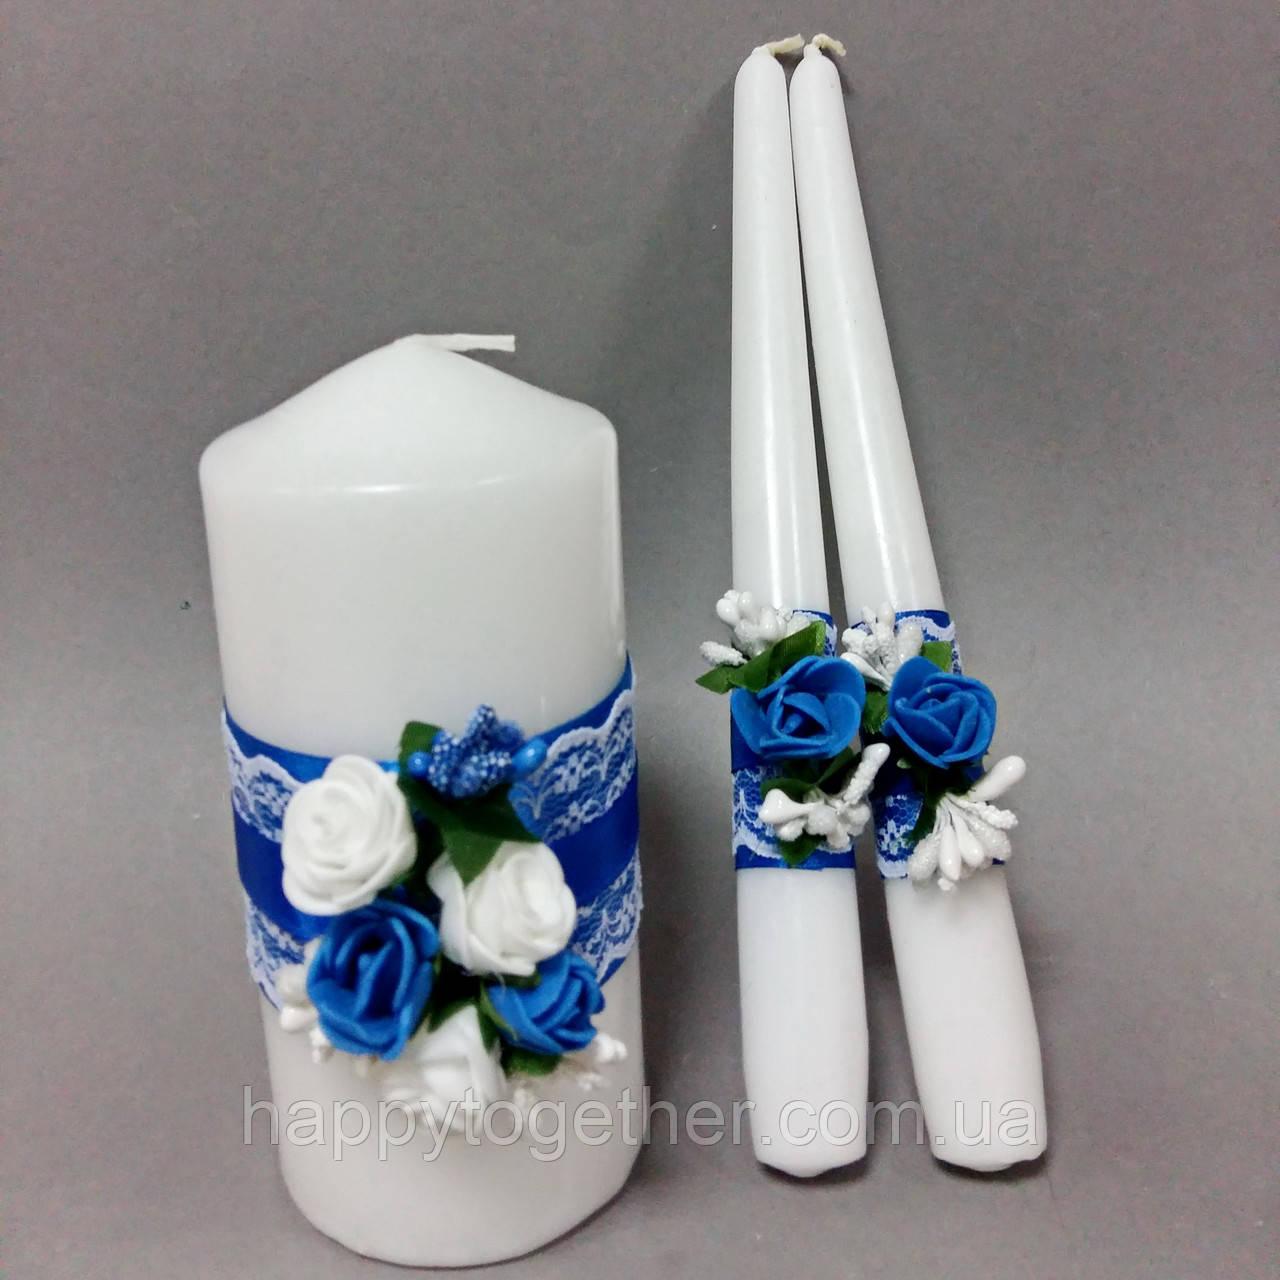 Весільні свічки квіткові сині